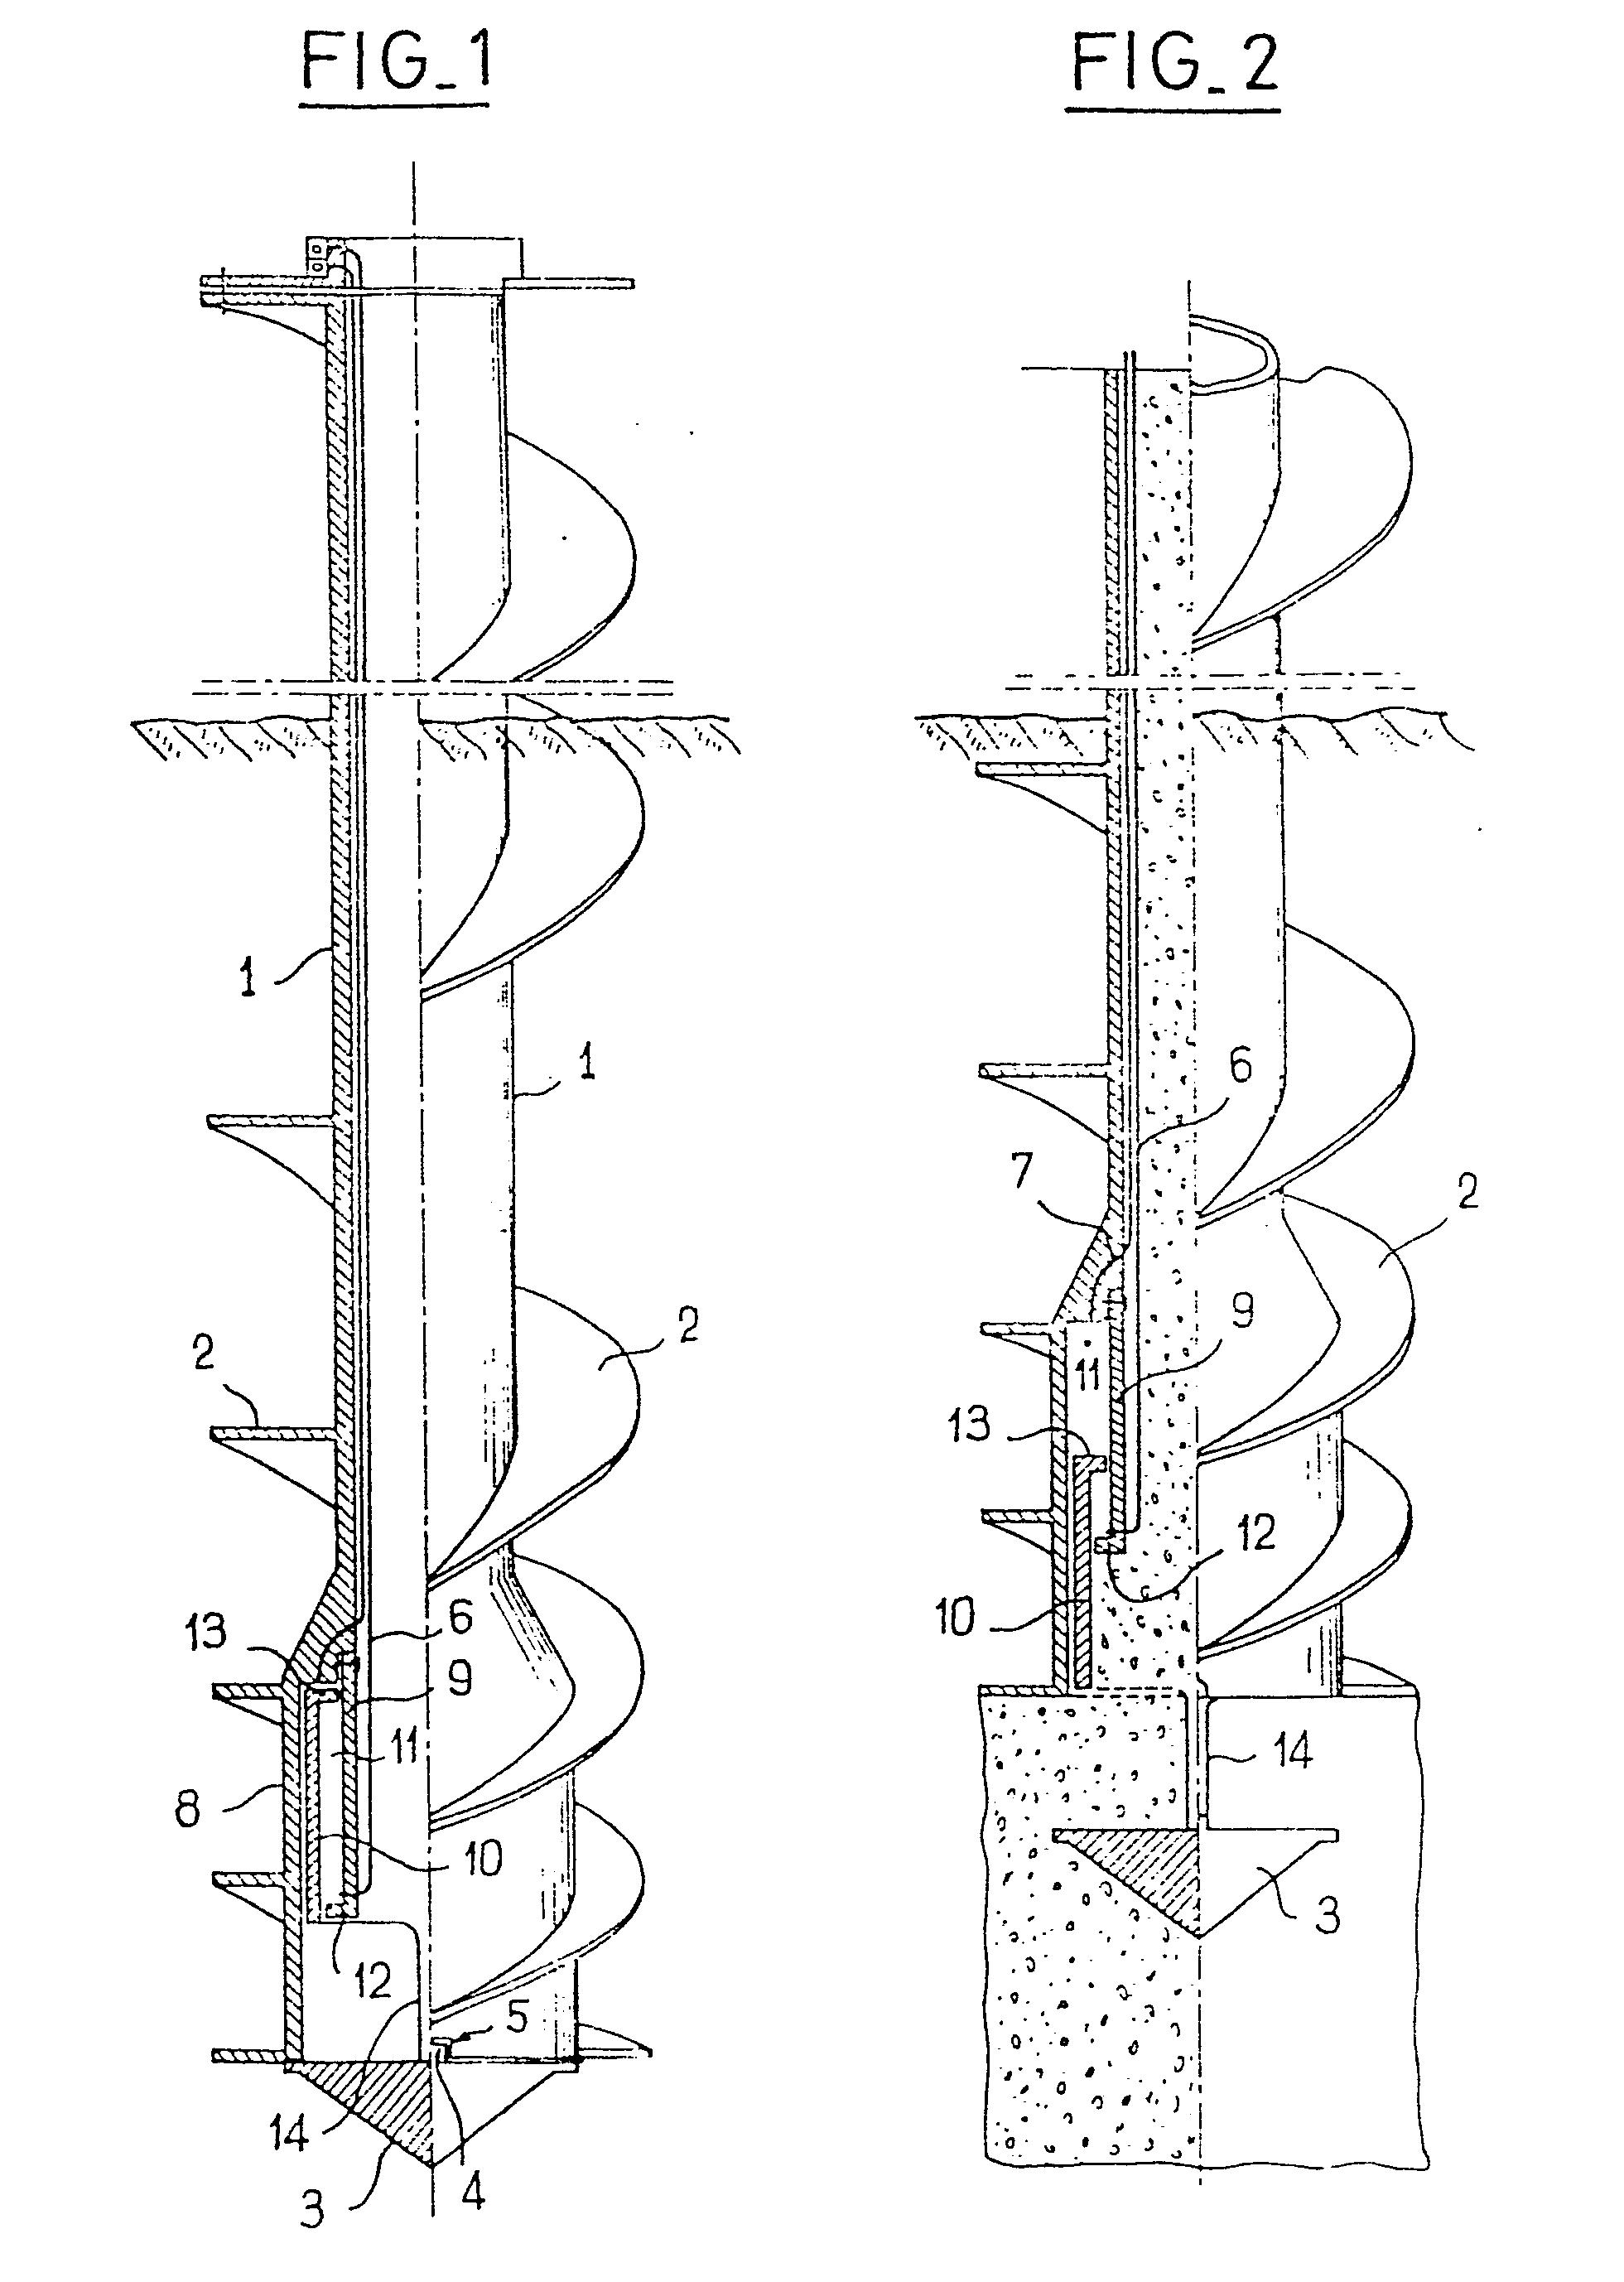 patent ep0010037a1 tari re creuse pour le forage en vue. Black Bedroom Furniture Sets. Home Design Ideas